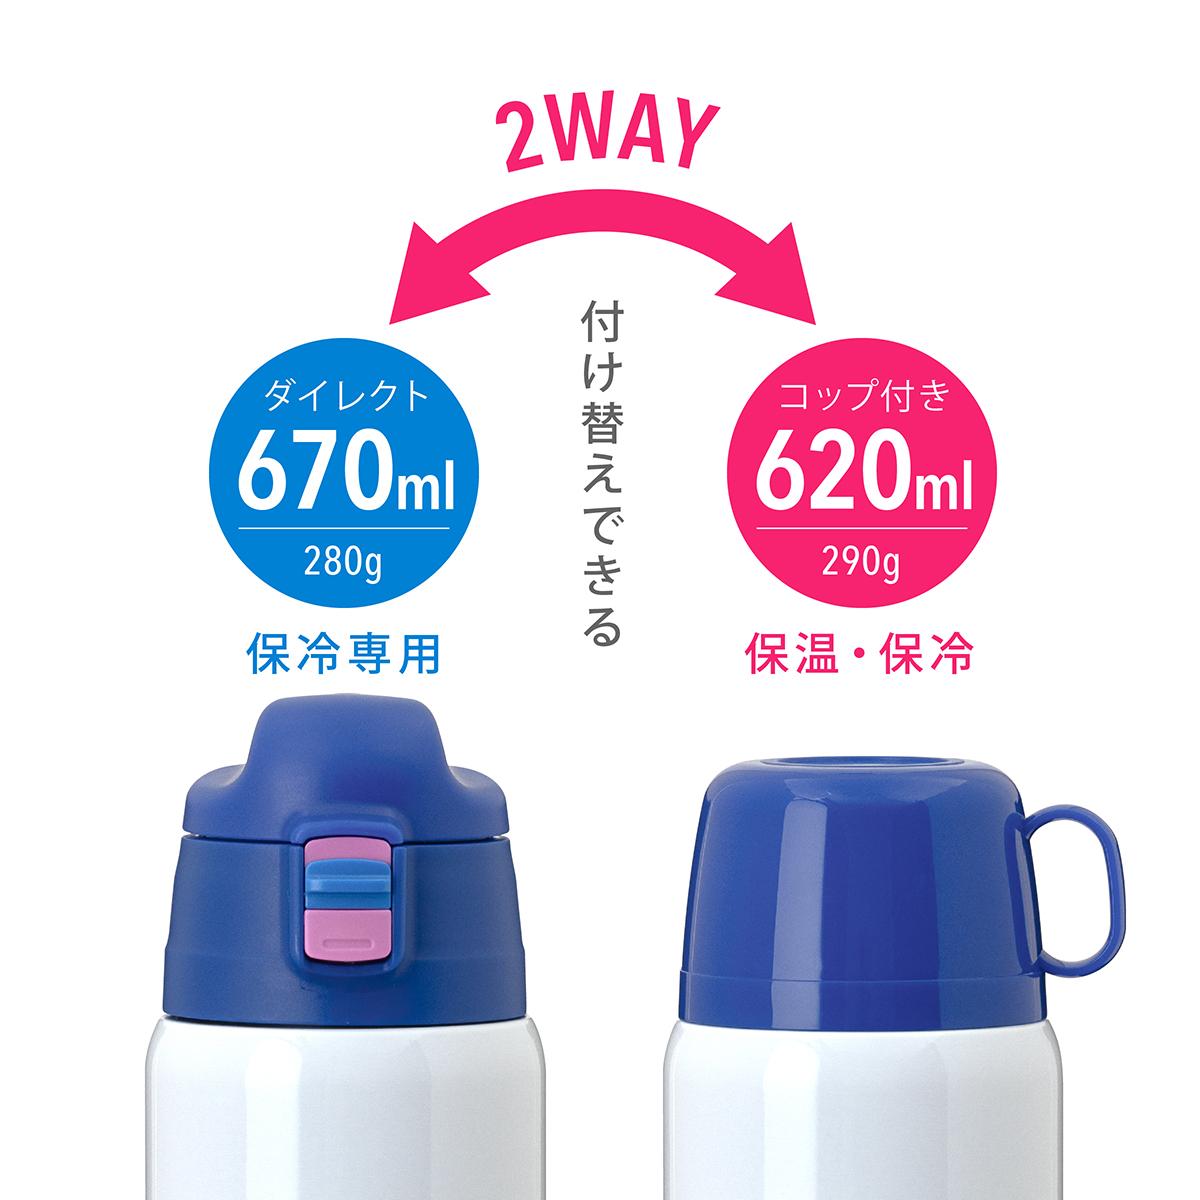 Aquage 2Wayボトル 600ml ブルー image02